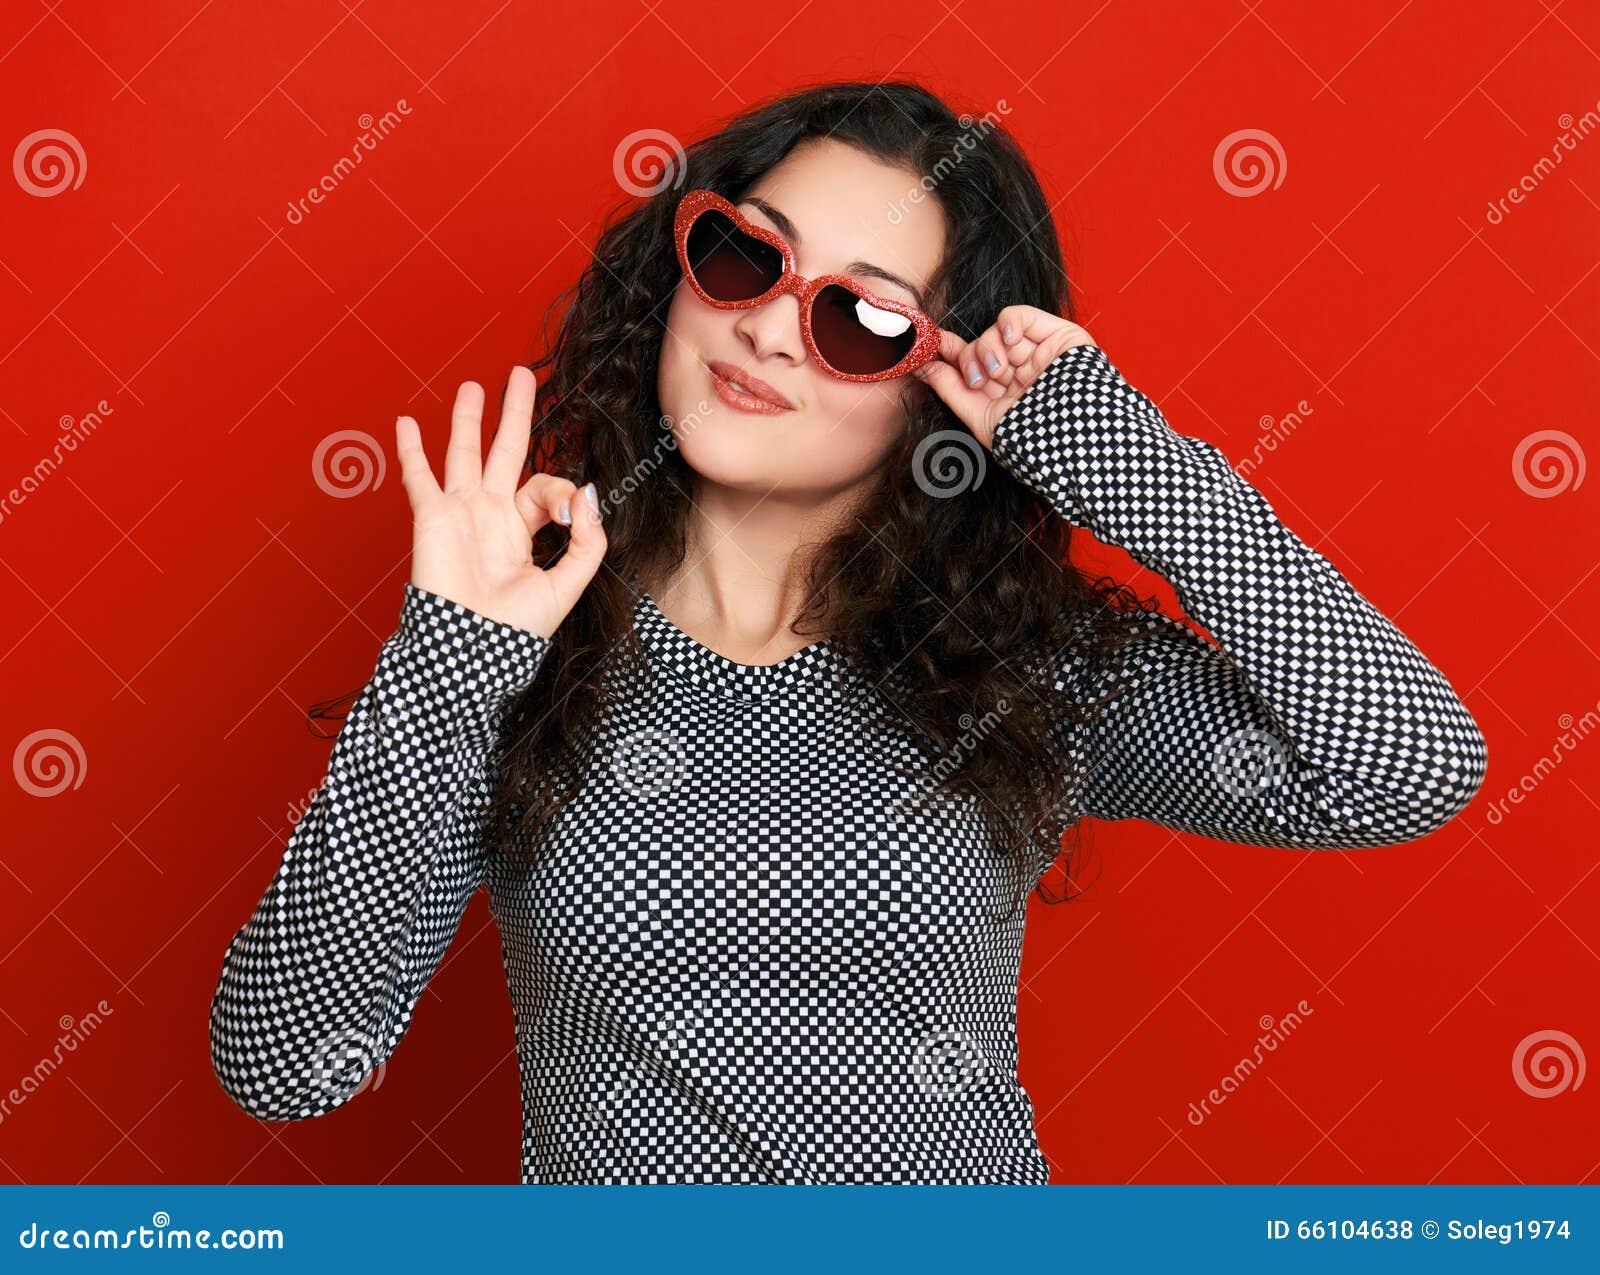 Retrato bonito do encanto da menina no vermelho em óculos de sol da forma do coração, cabelo encaracolado longo